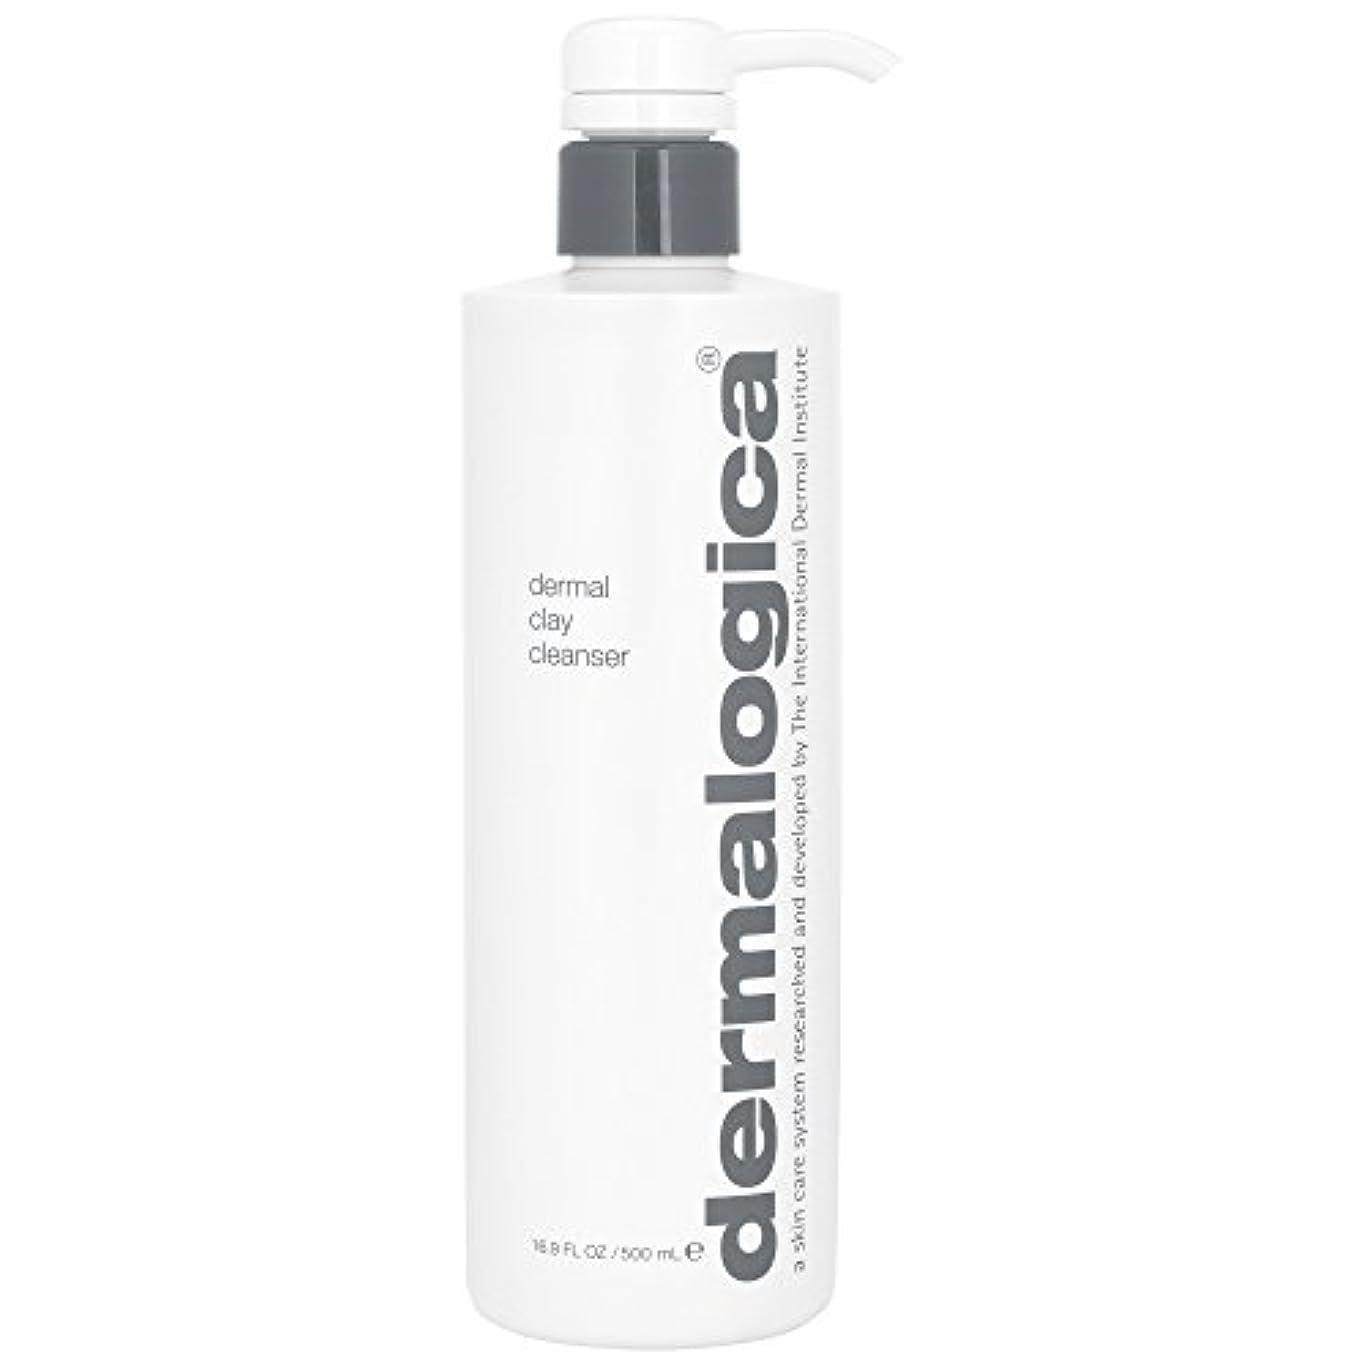 ダーマロジカ真皮クレイクレンザー500ミリリットル (Dermalogica) (x6) - Dermalogica Dermal Clay Cleanser 500ml (Pack of 6) [並行輸入品]